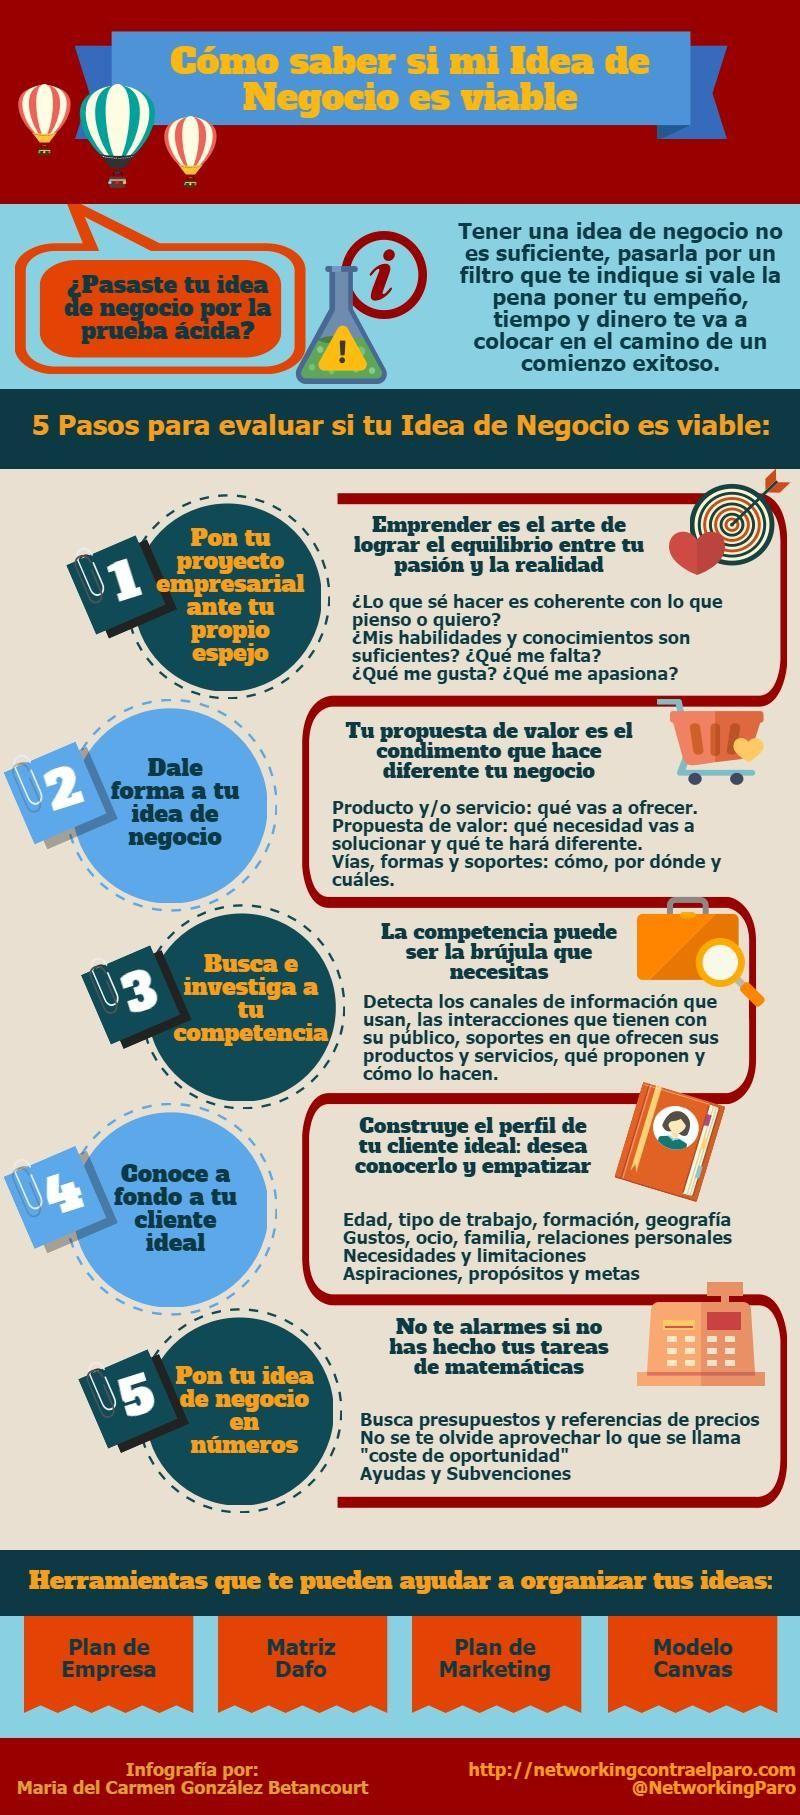 Cómo Saber Si Mi Idea De Negocio Es Viable Infografia Infographic Entrepreneurship Tics Y Formación Marketing Digital Social Media Business Infographic Blogging Networks